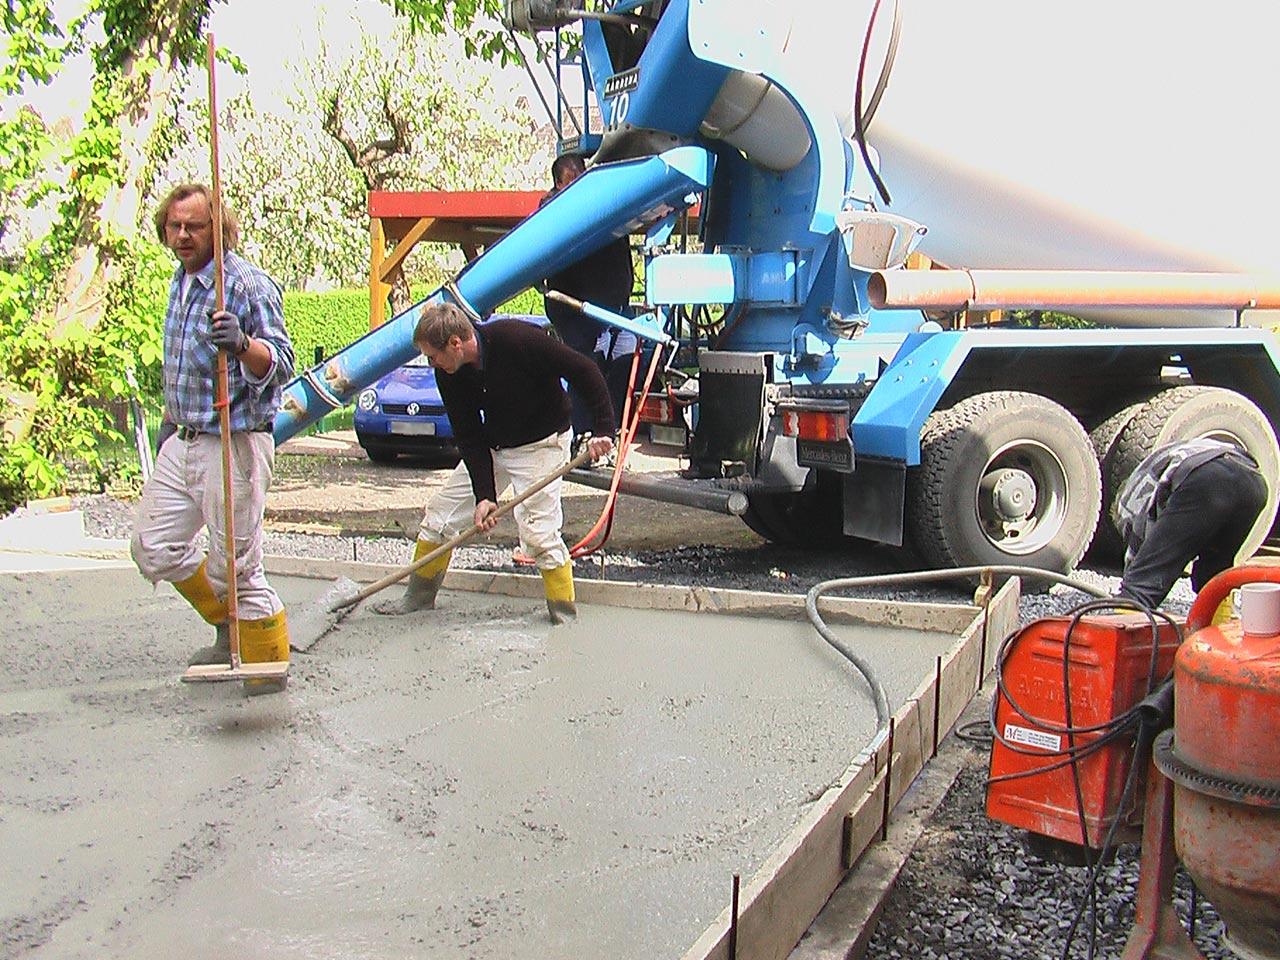 Anbau / Neubauarbeiten einer Garage - Fundament